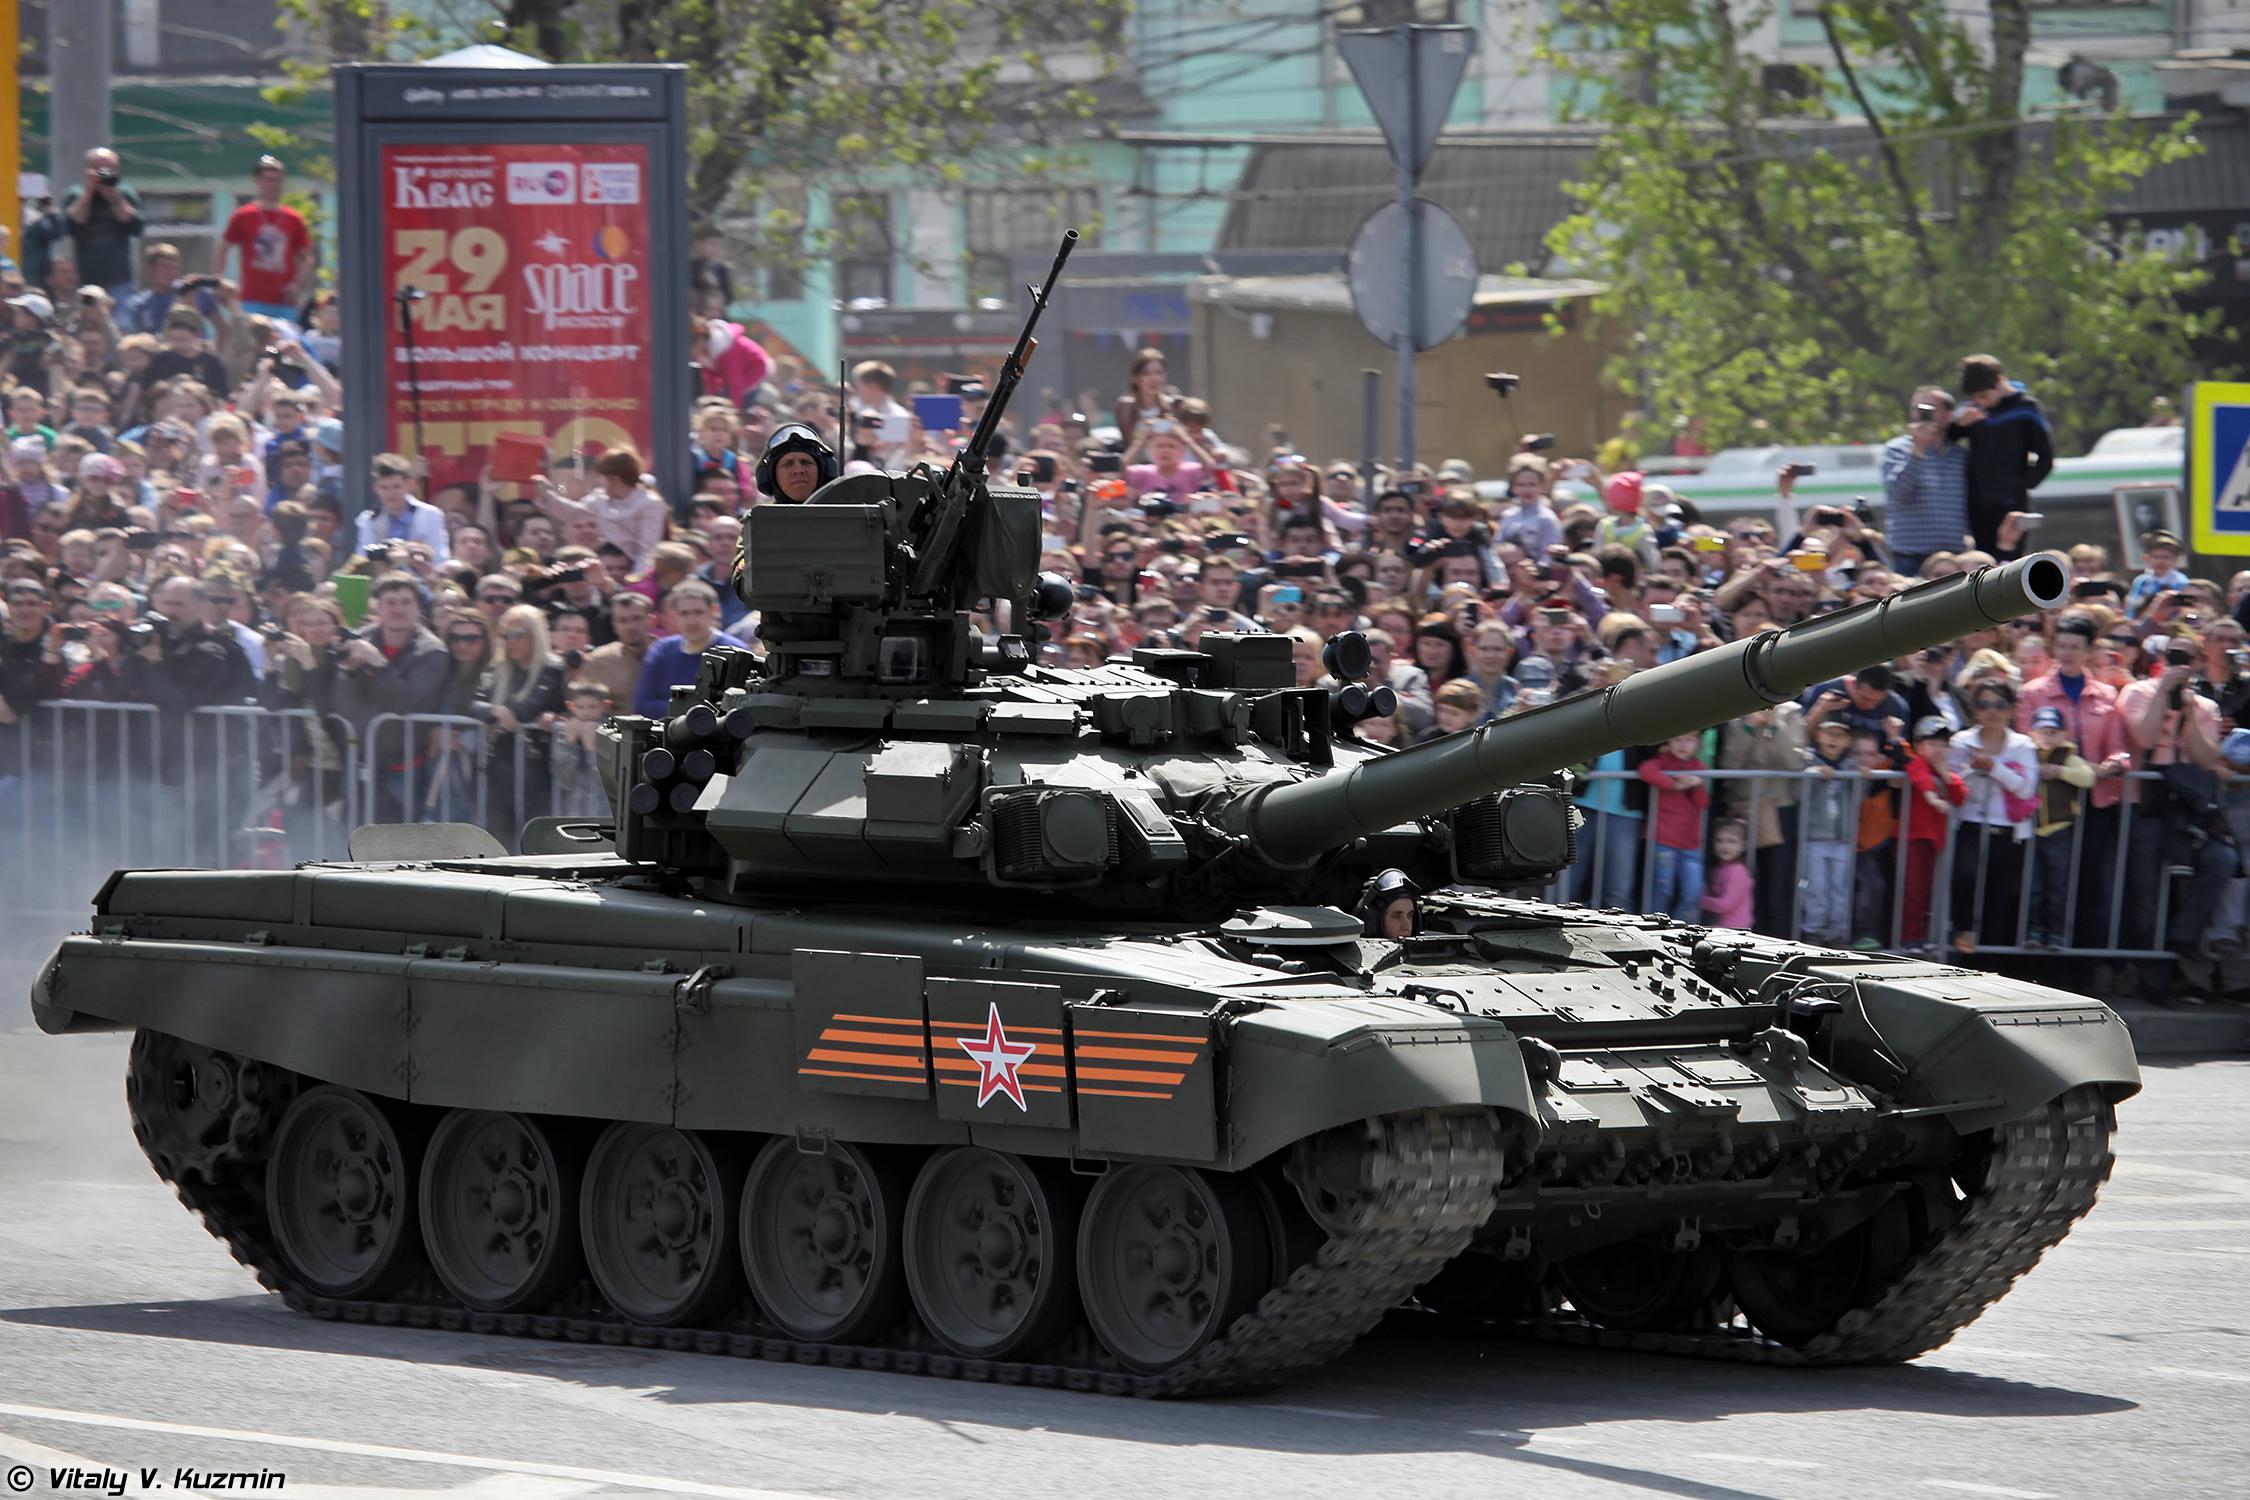 нам фото танков на параде утырь -потому, что